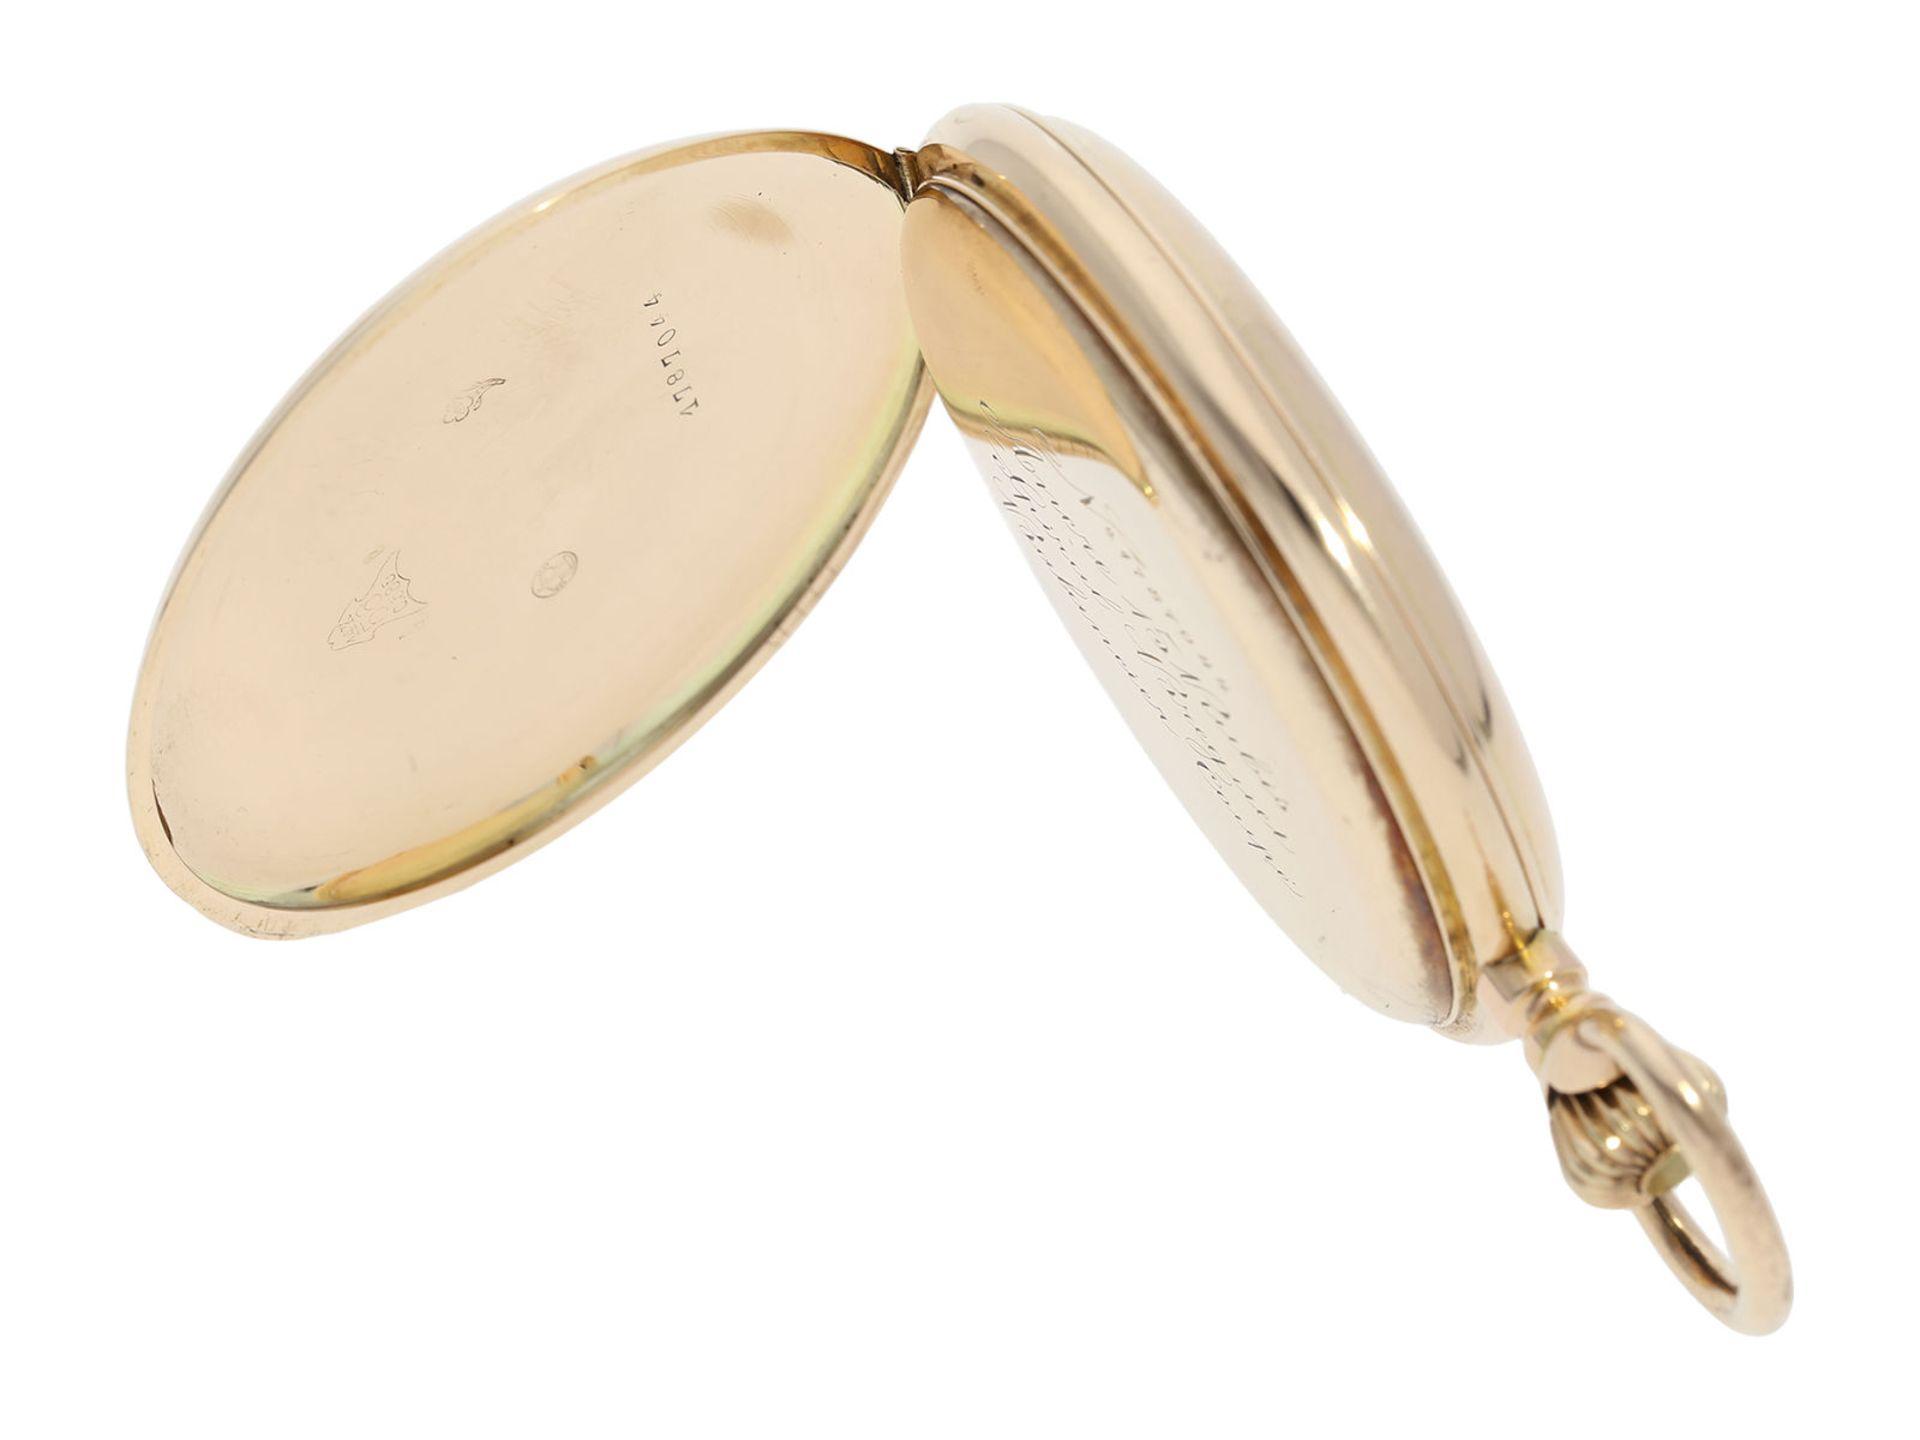 Pocket watch: heavy pink gold hunting case watch, Swiss Ankerchronometer, around 1900, No. - Bild 4 aus 8